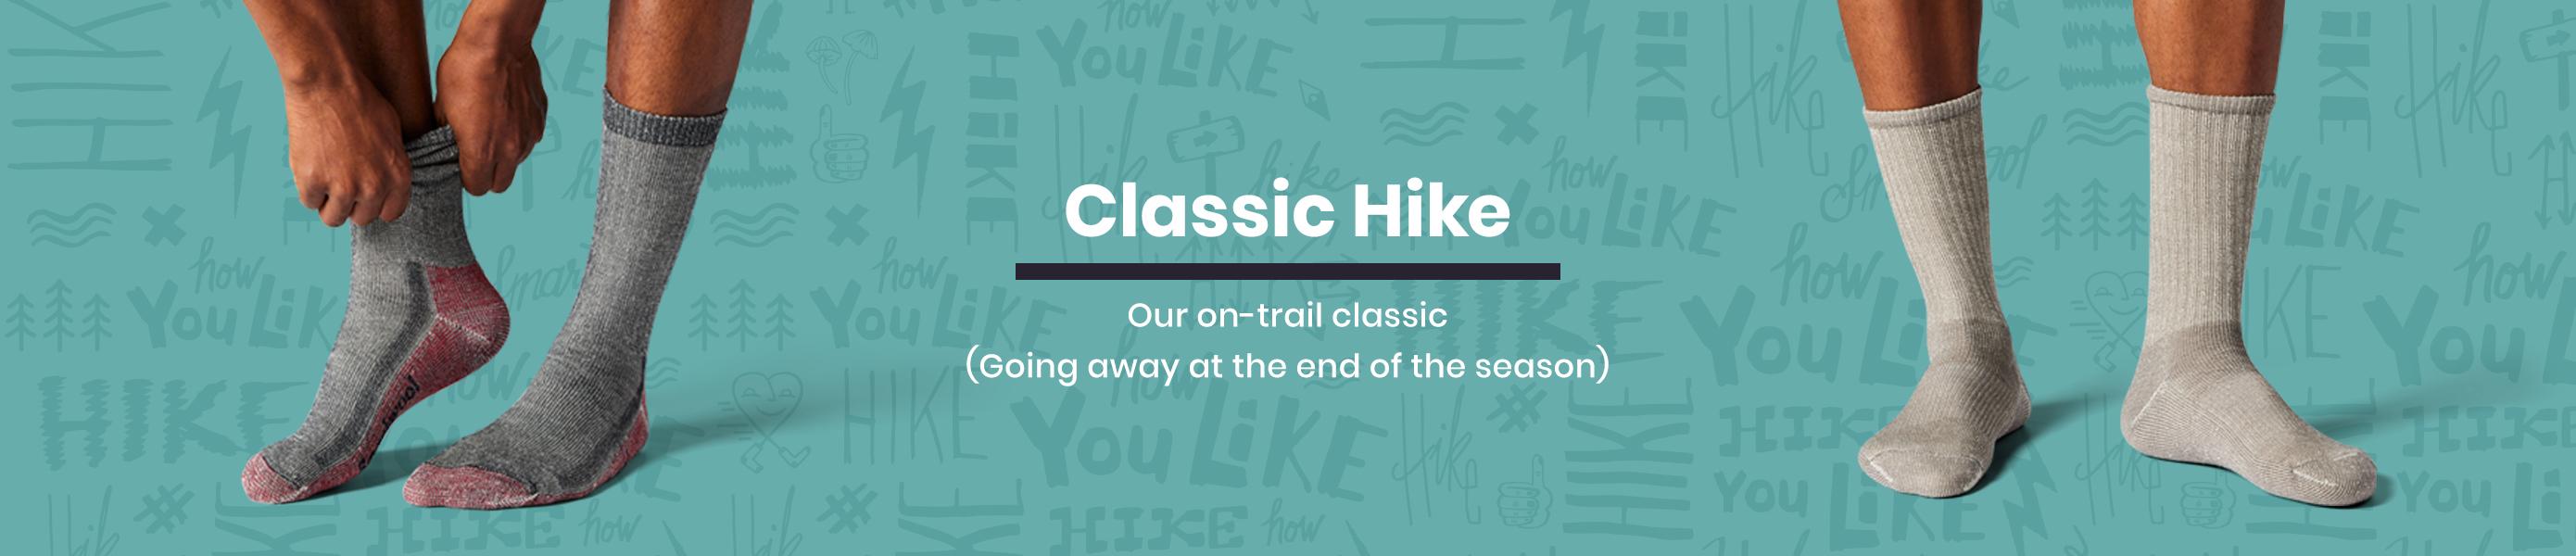 Womens classic hike